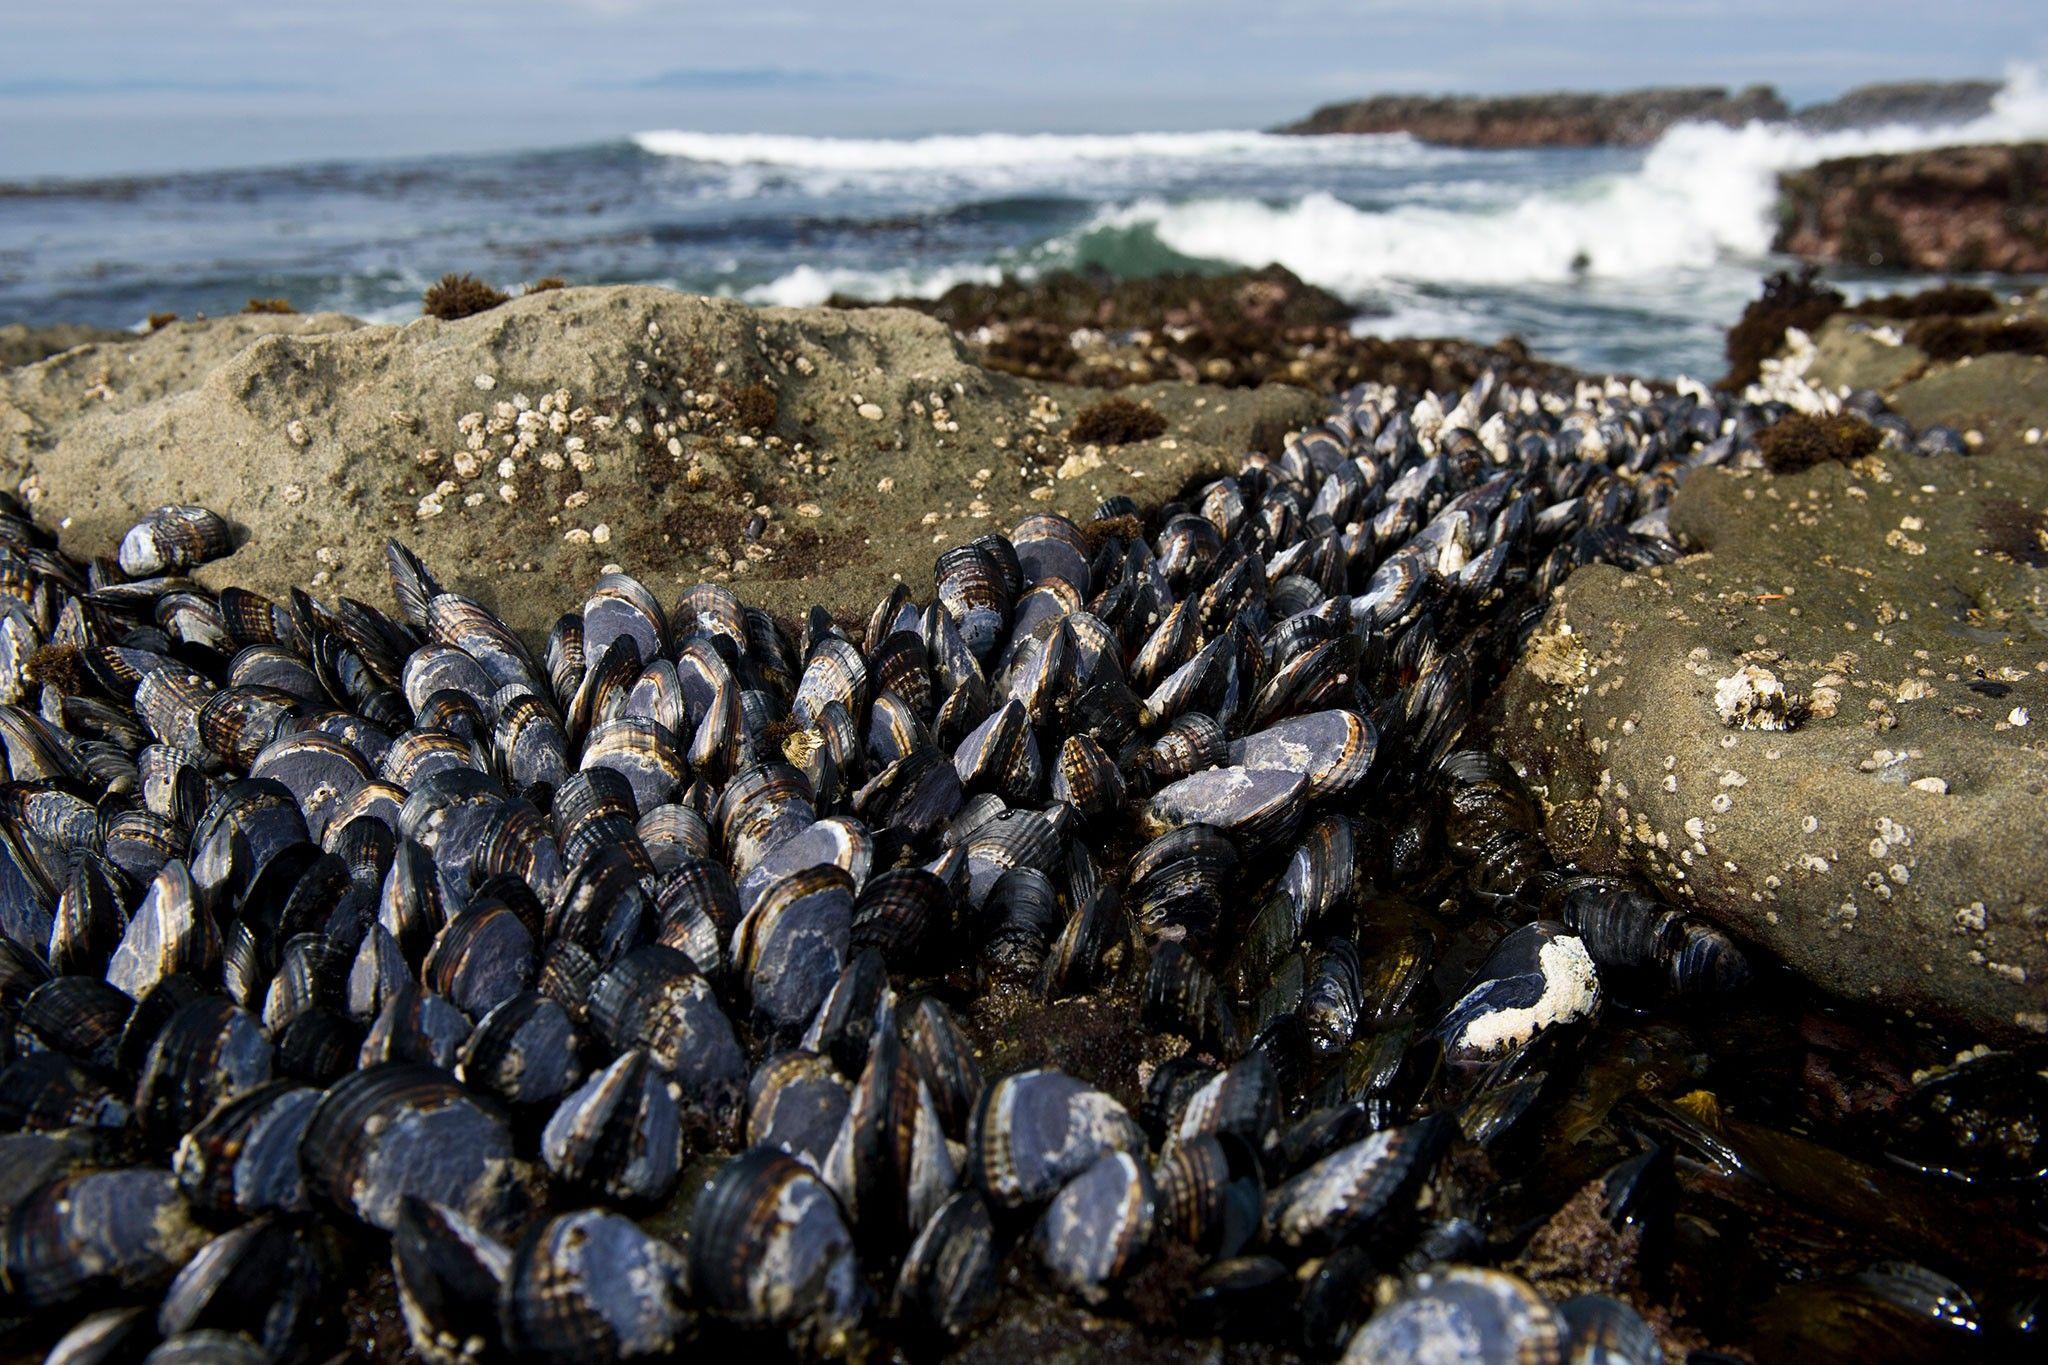 Ansteckende Krebsarten bei Meerestieren geben Rätsel auf